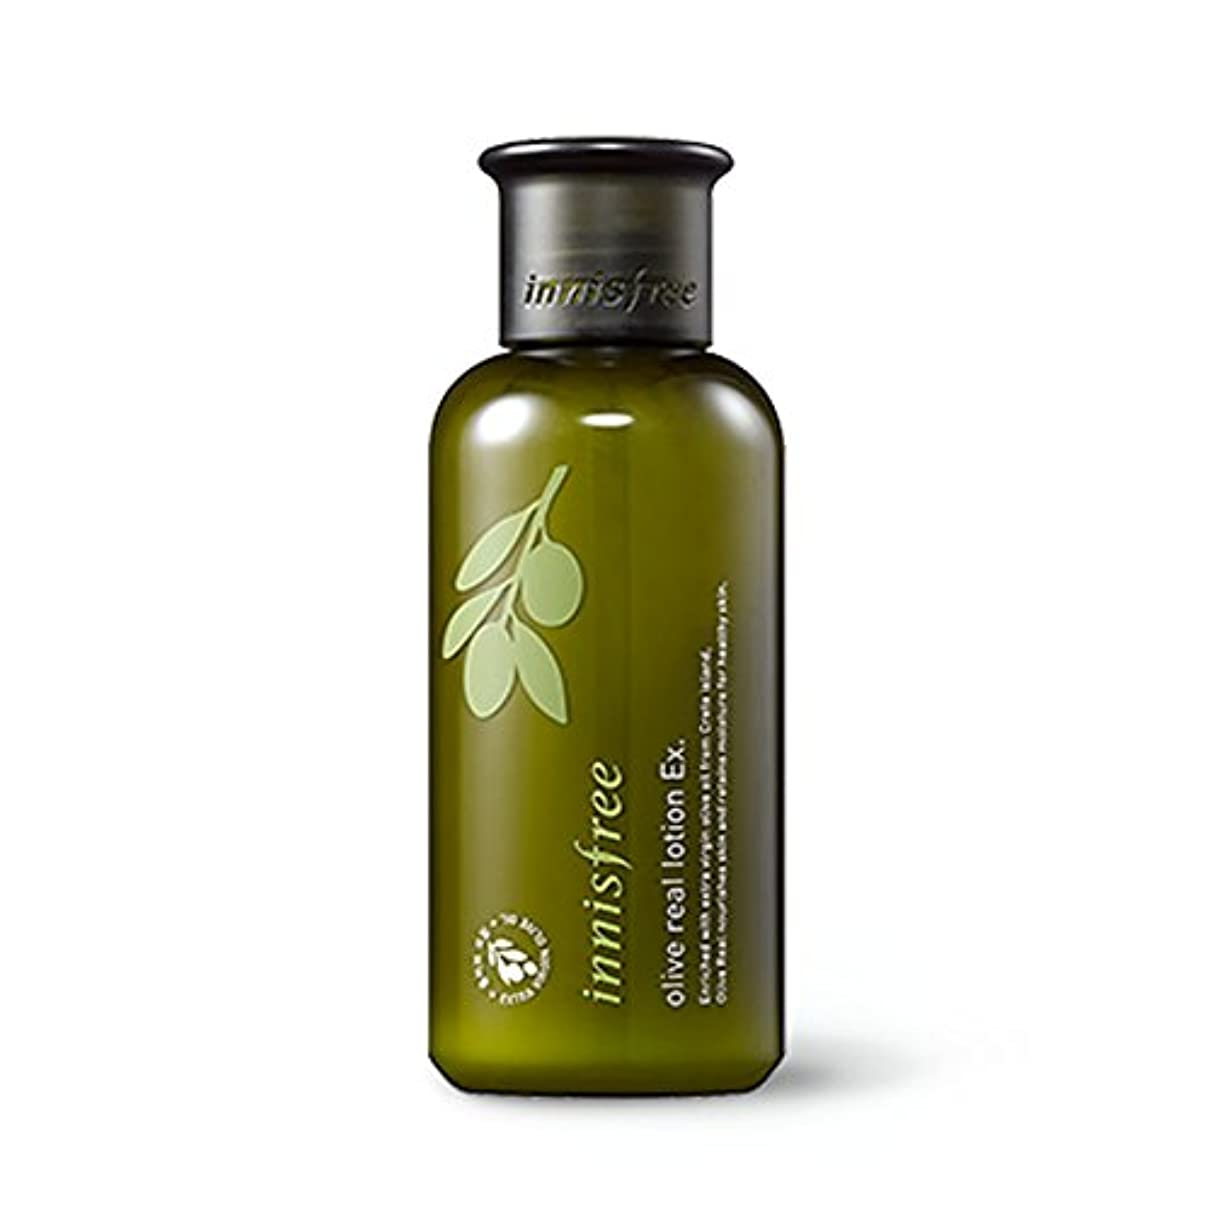 ソーシャル護衛序文イニスフリーオリーブリアルローションEx 160ml / innisfree Olive Real Lotion Ex 160ml [海外直送品][並行輸入品]